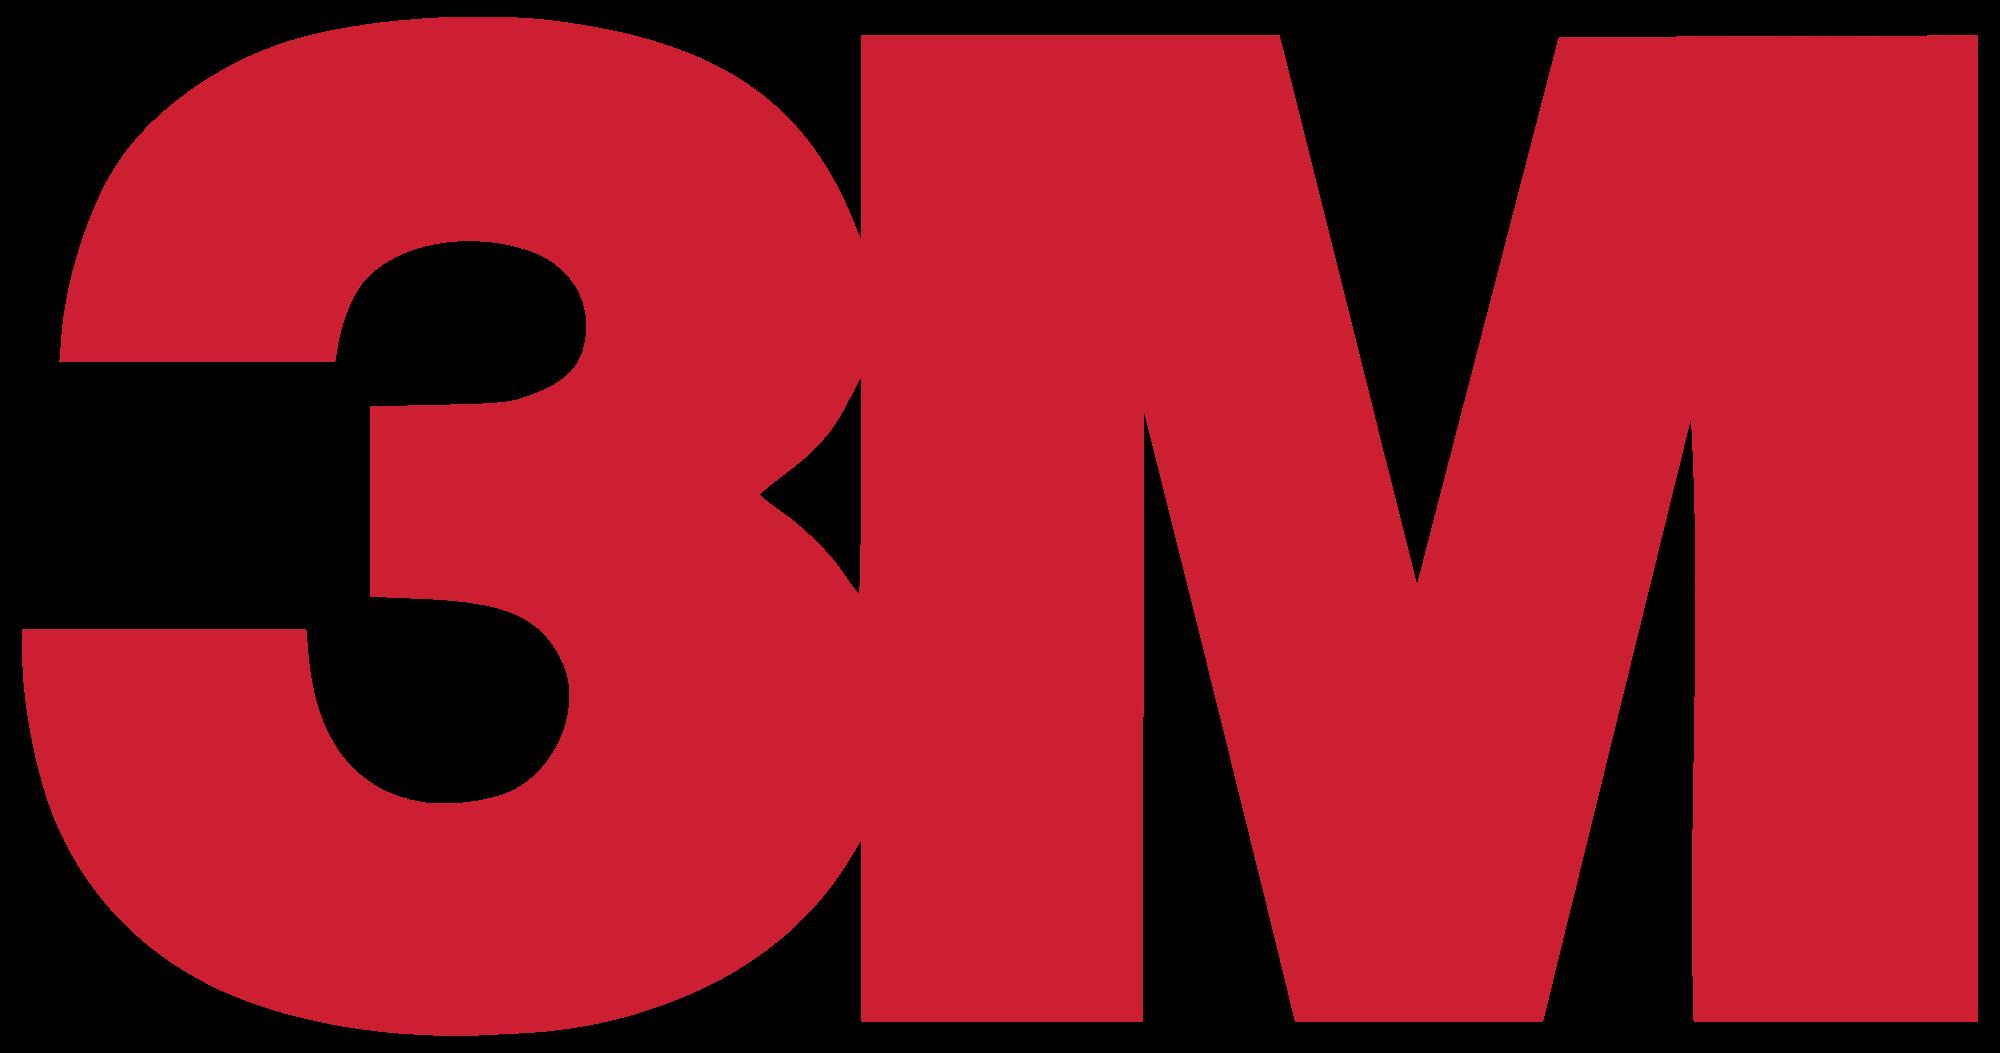 3m logo 7 - 3M Logo